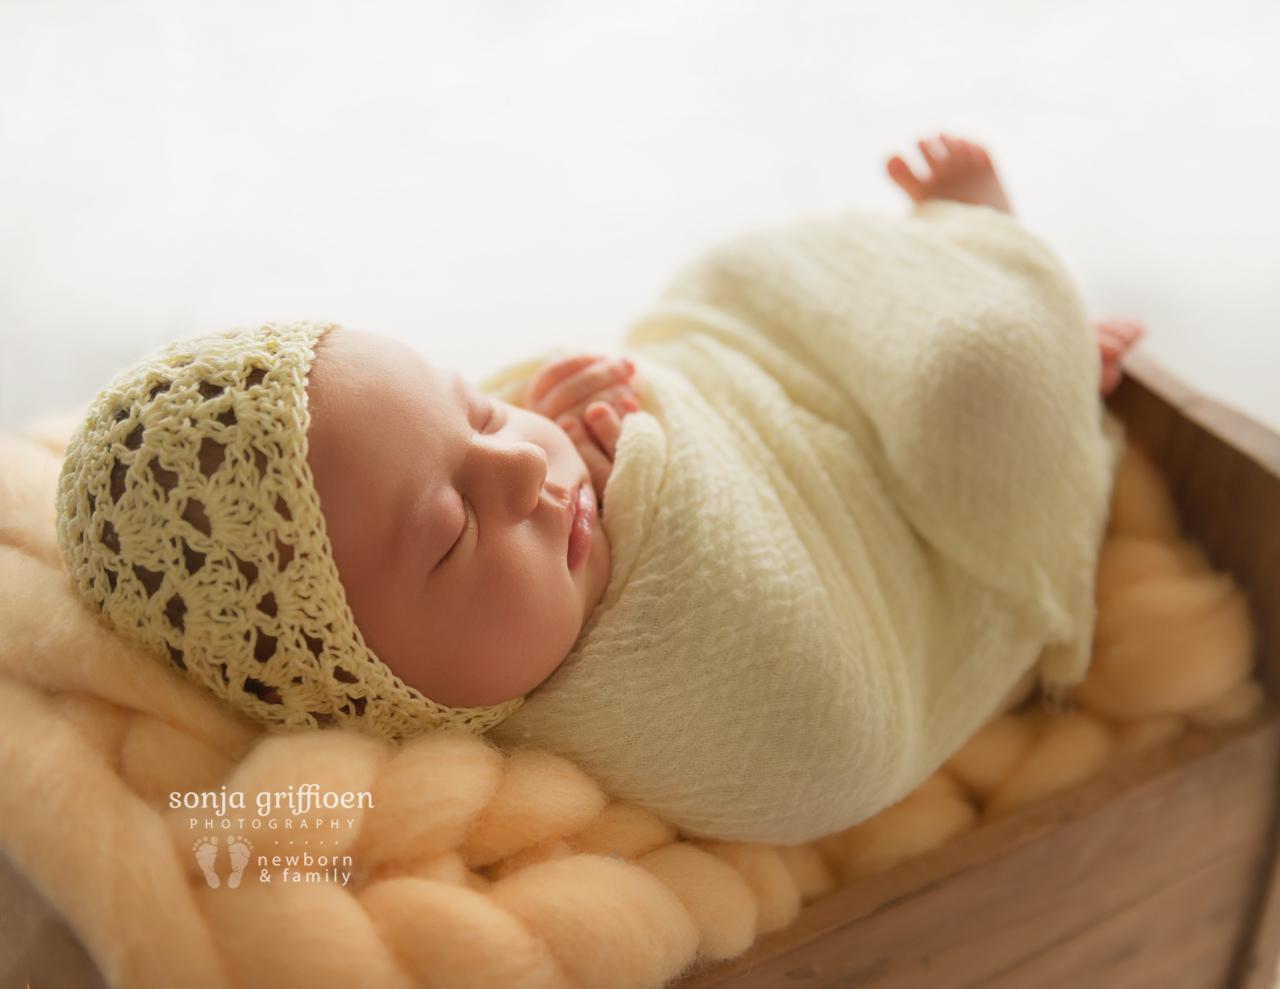 Marguerite-Newborn-Brisbane-Newborn-Photographer-Sonja-Griffioen-02.jpg